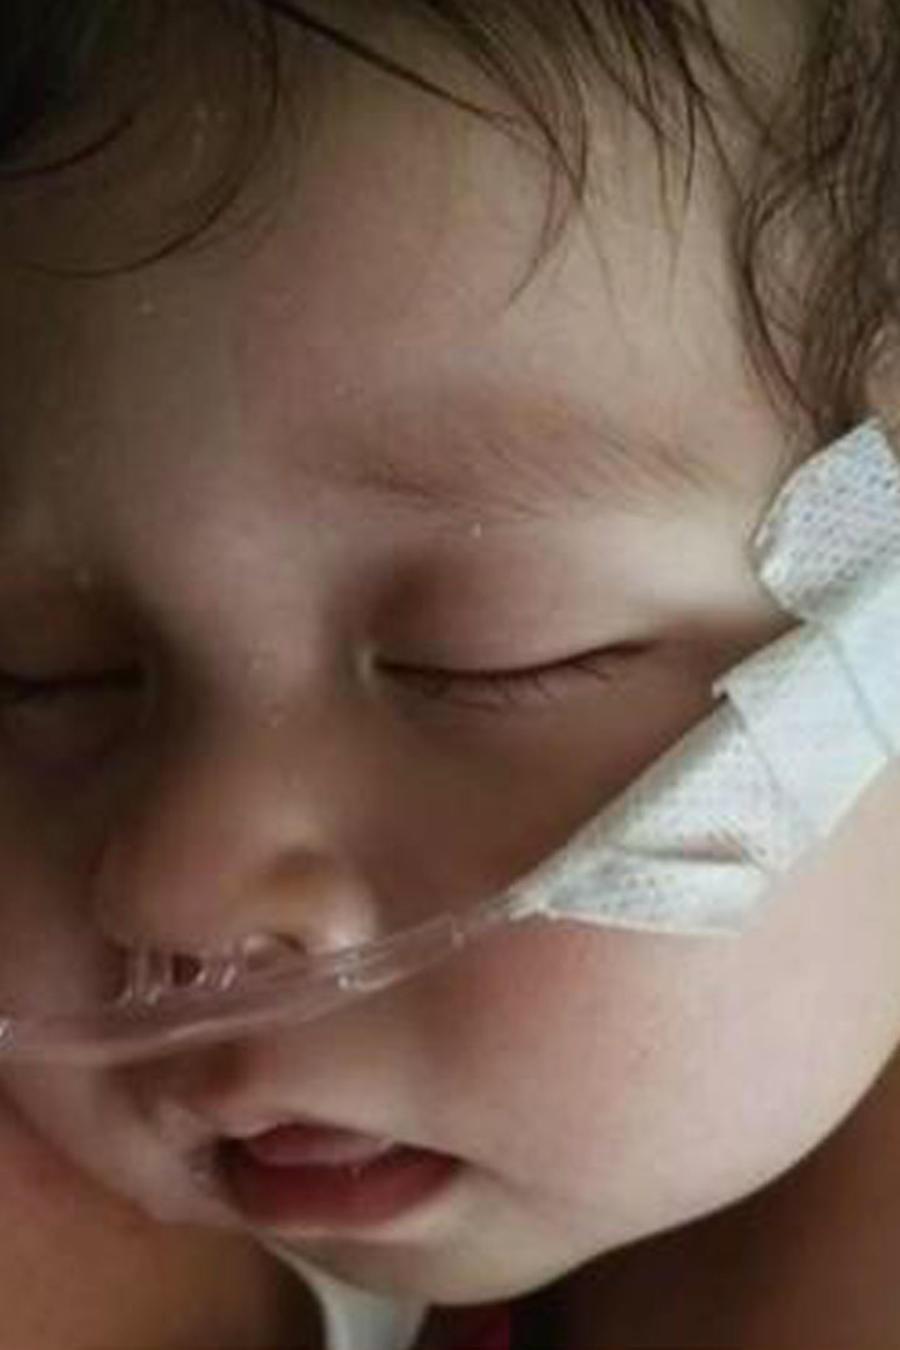 Buscan un donante para una niña de 1 año con cáncer